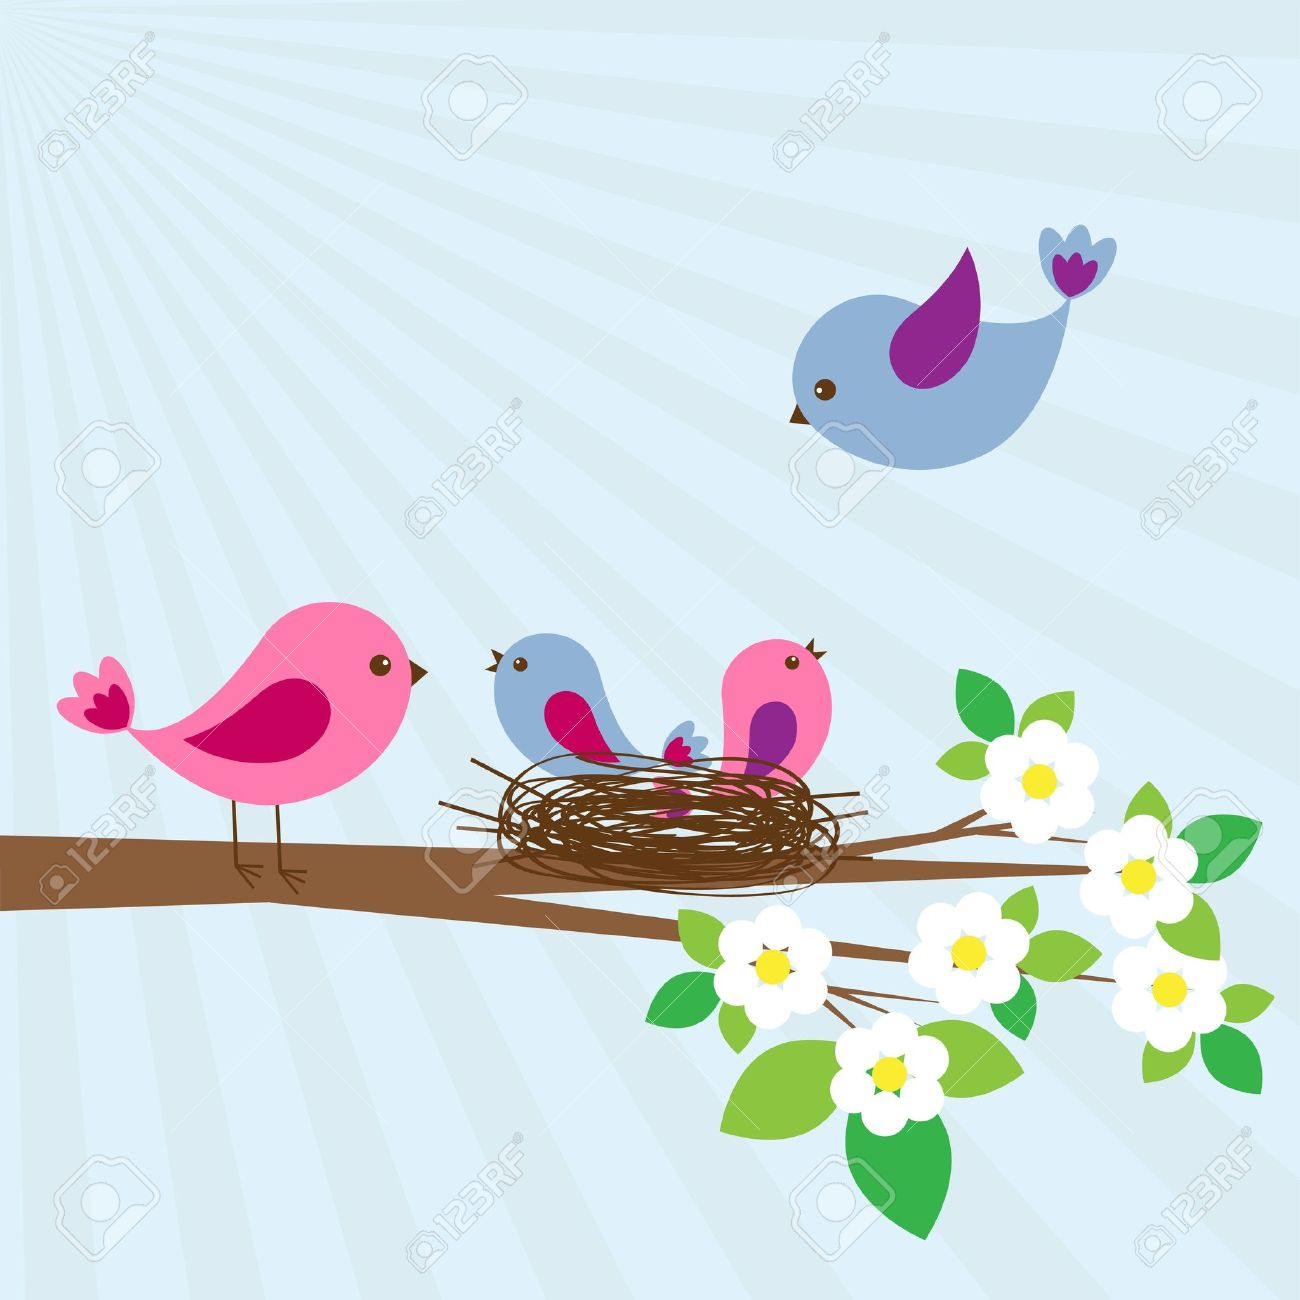 Family of birds in spring day Stock Vector - 12940276